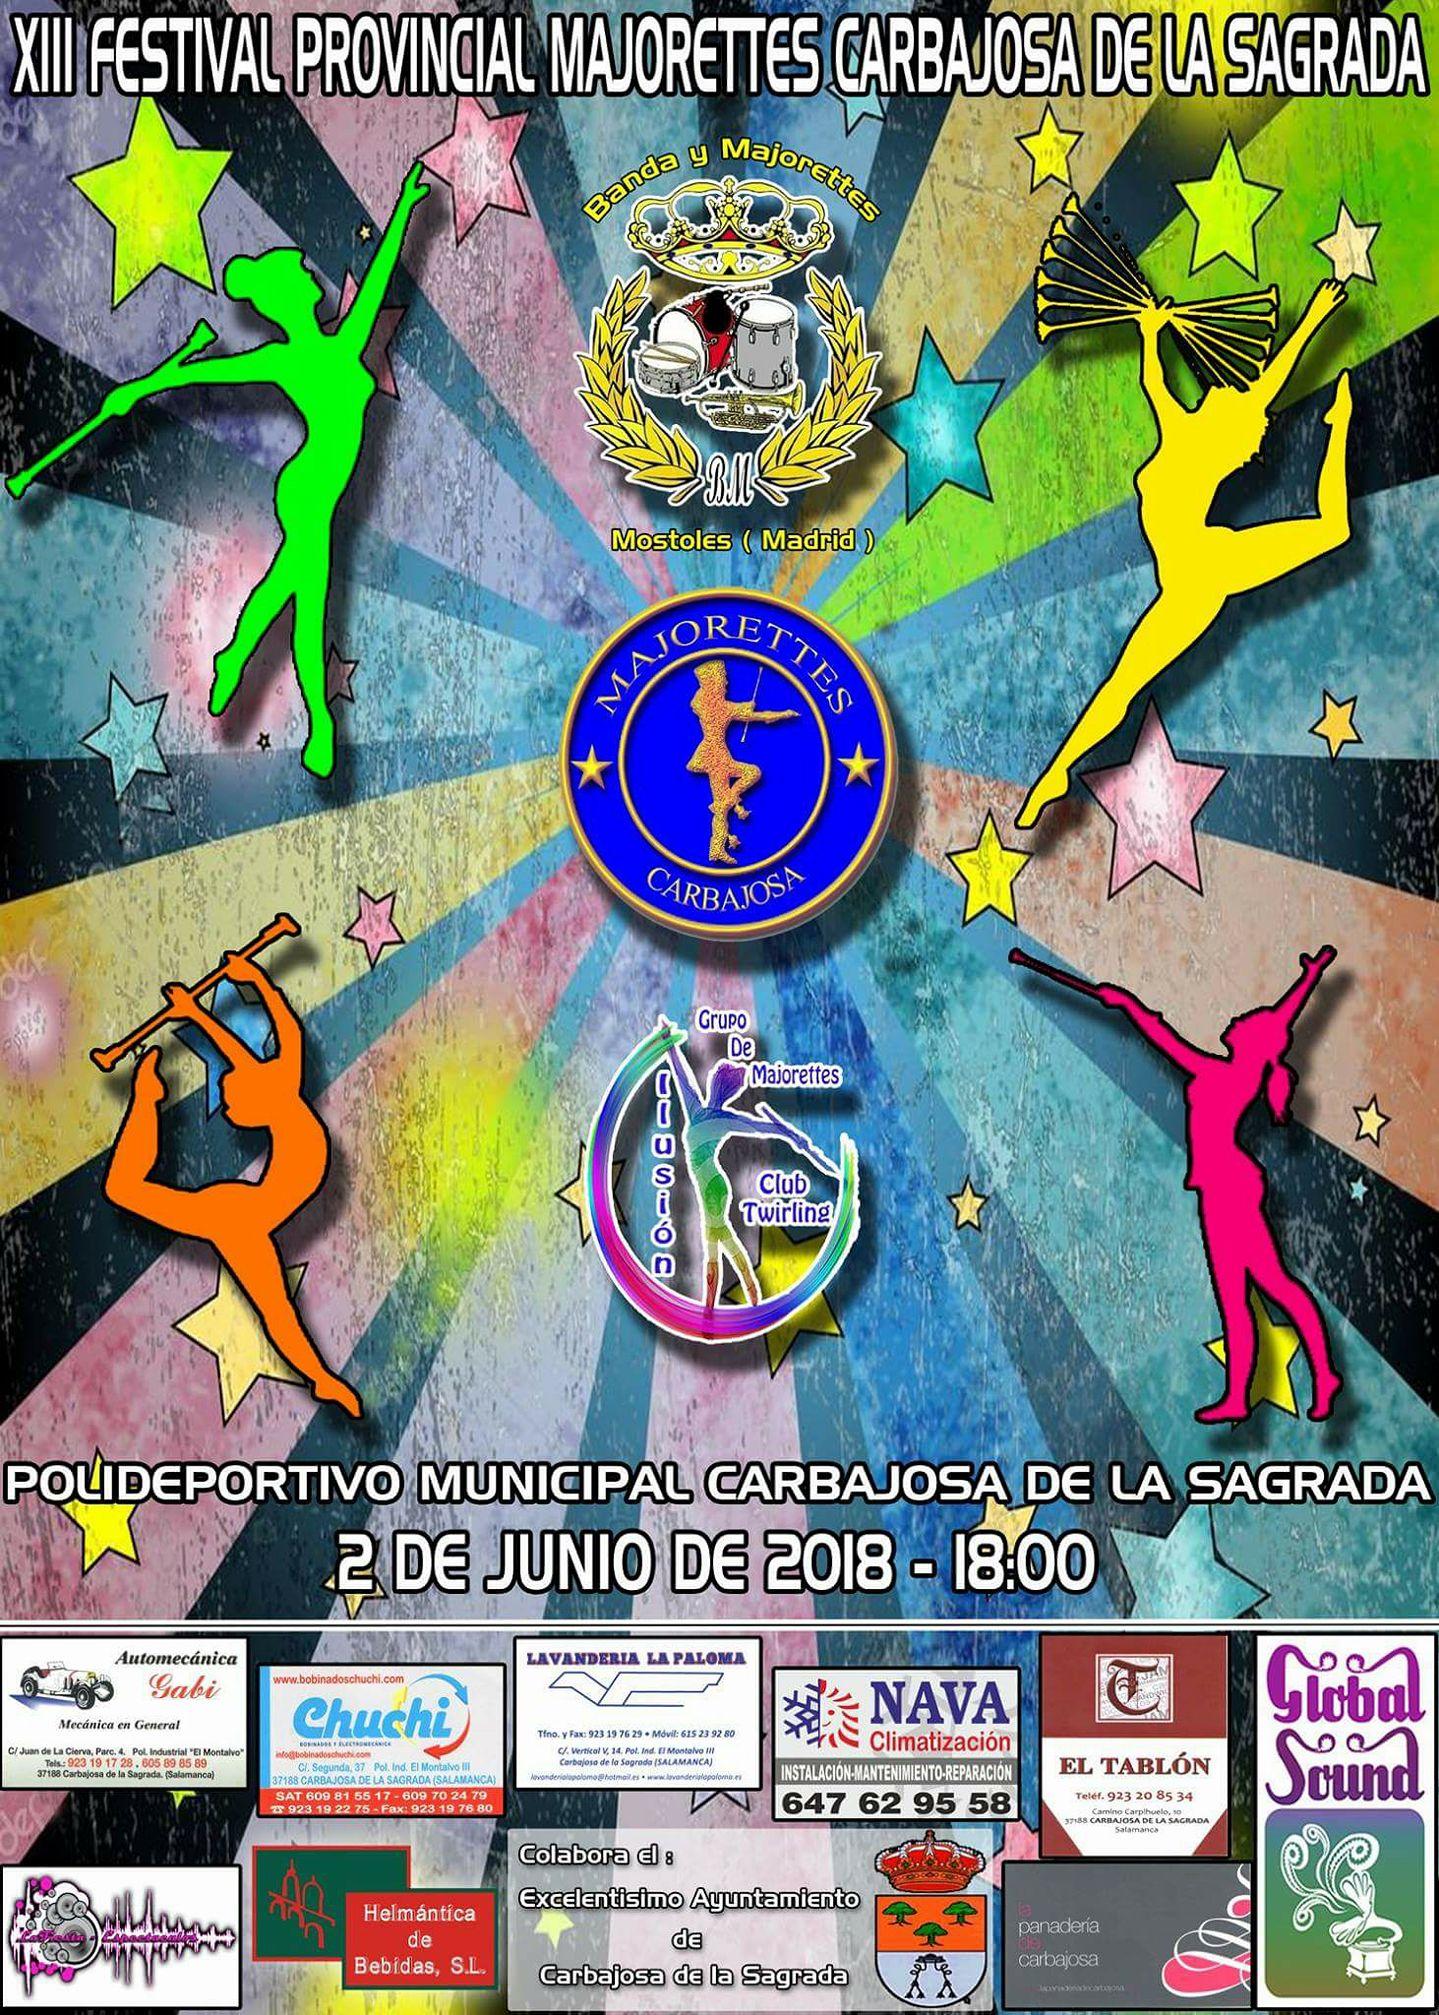 XIII FESTIVAL PROVINCIAL MAJORETTES CARBAJOSA DE LA SAGRADA